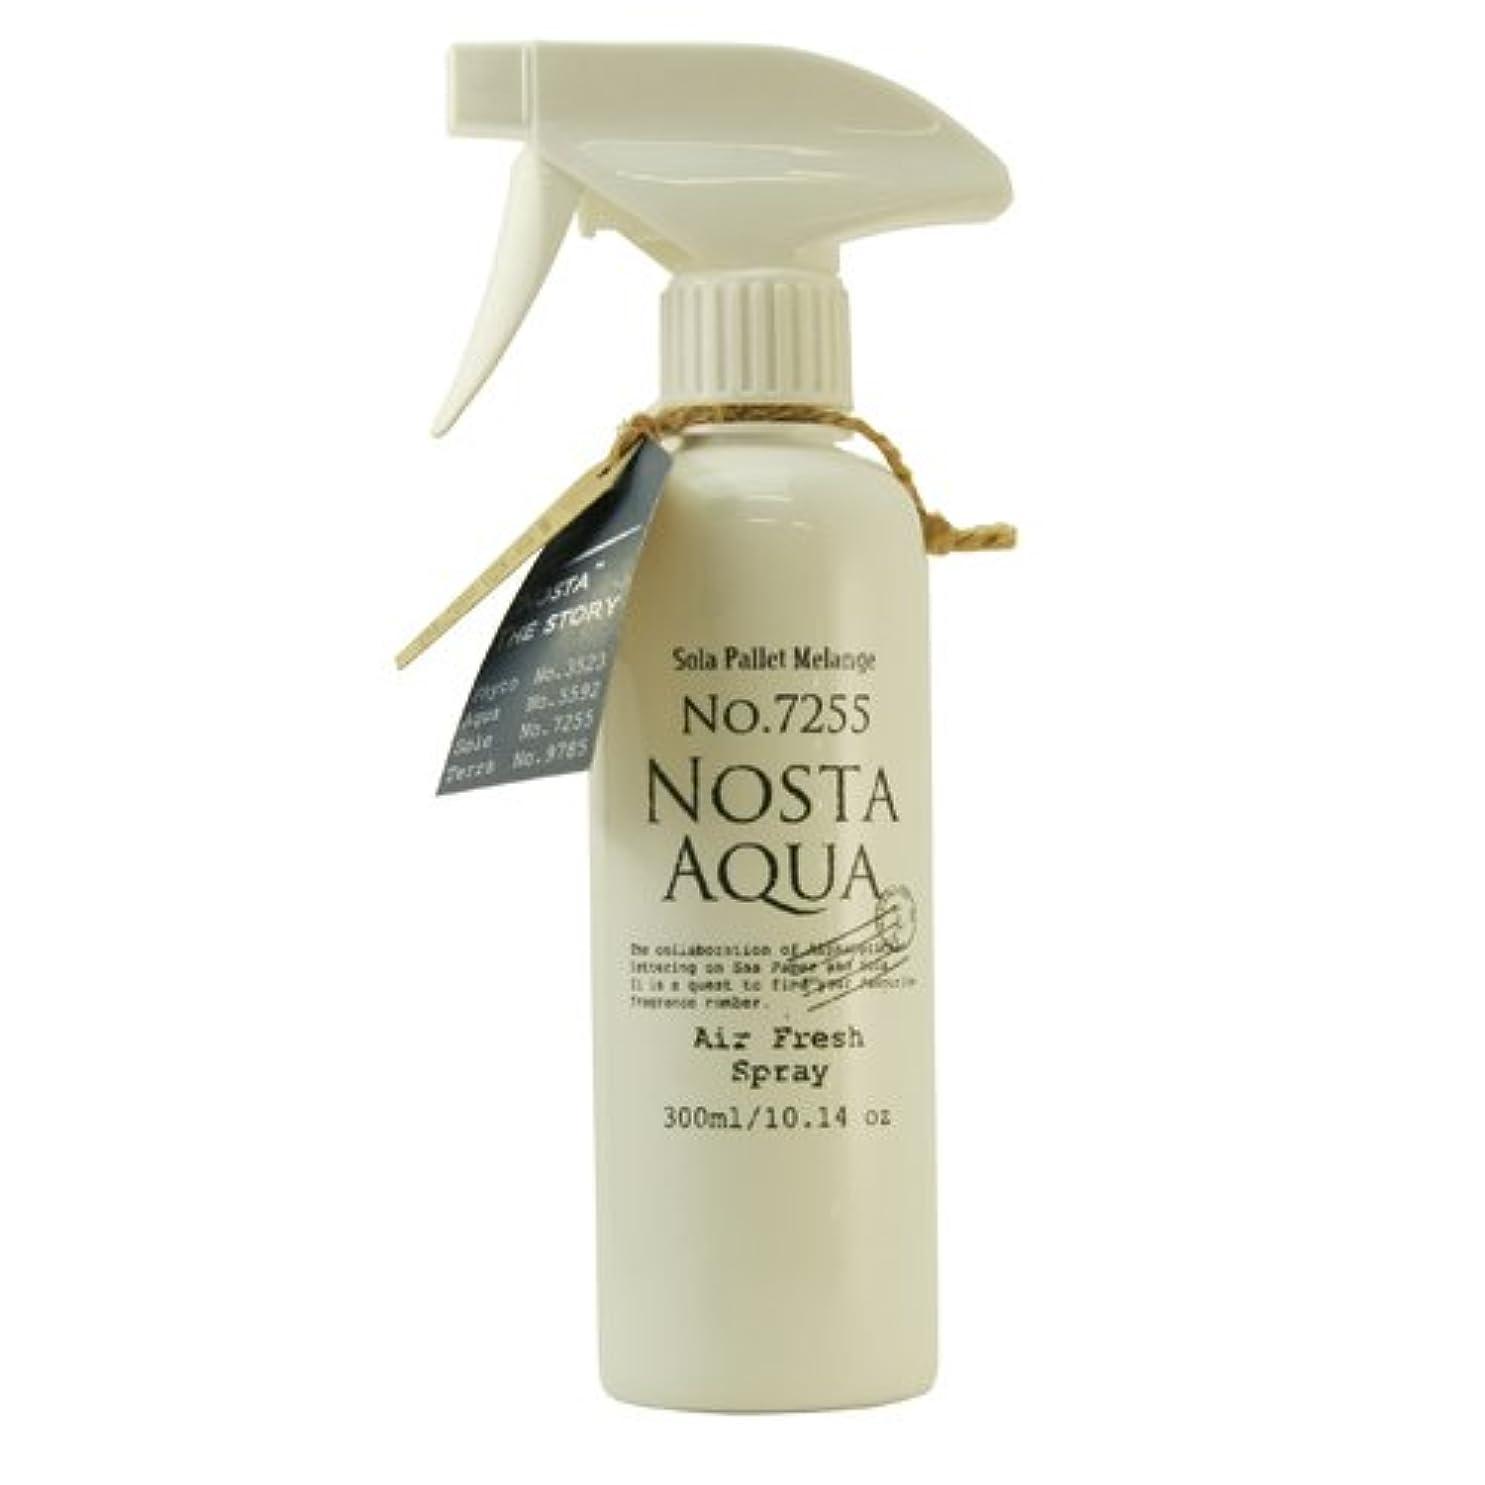 主権者ドキドキ不測の事態Nosta ノスタ Air Fresh Spray エアーフレッシュスプレー(ルームスプレー)Aqua アクア / 生命の起源